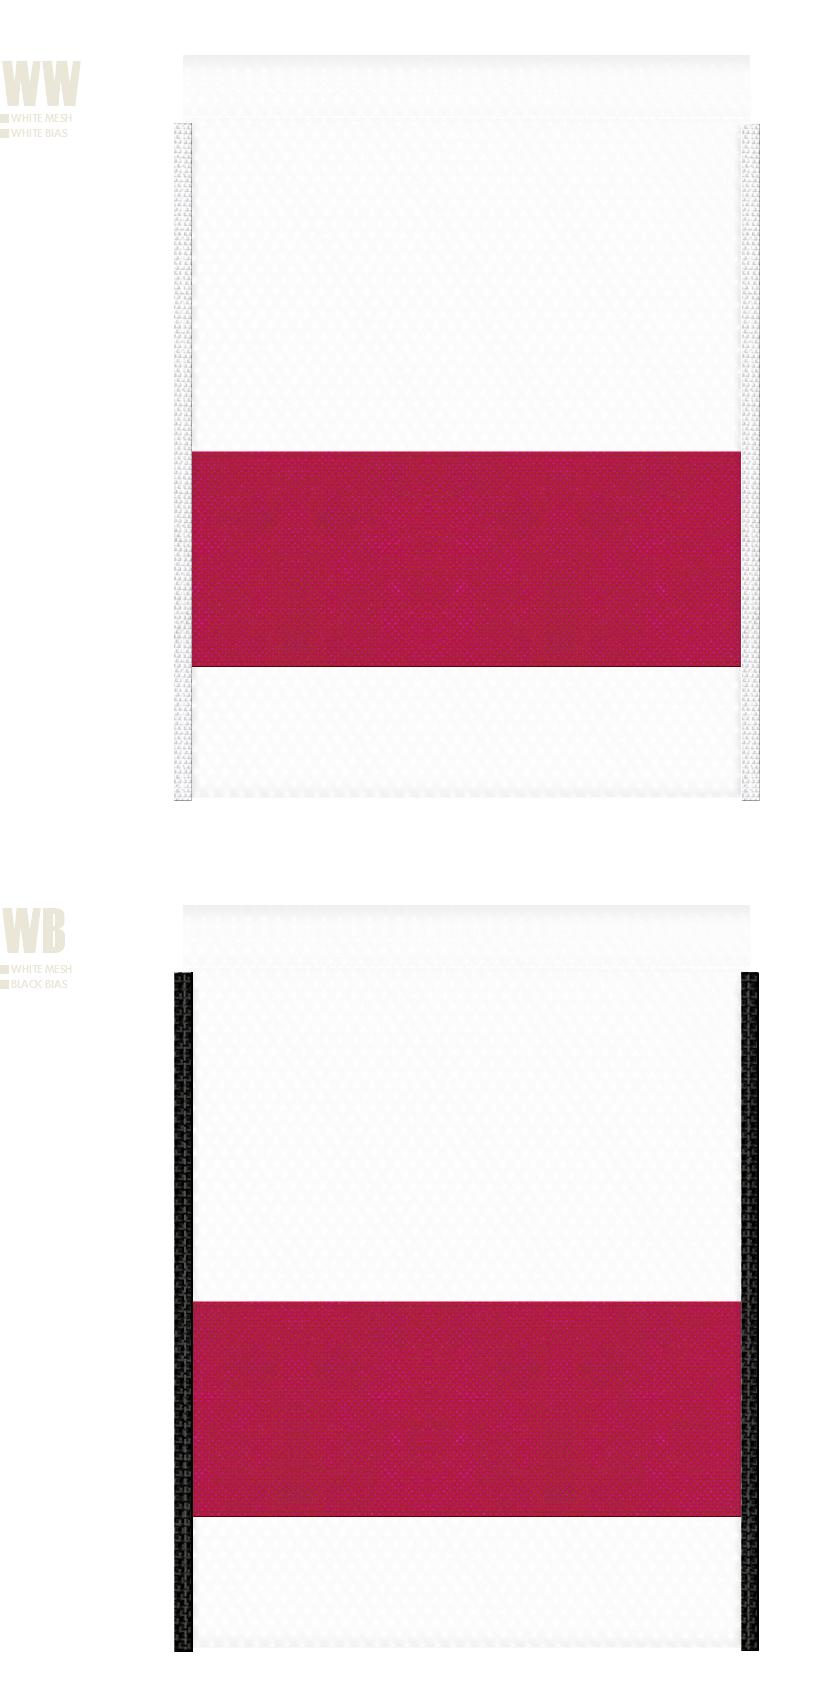 白色メッシュと濃ピンク色不織布のメッシュバッグカラーシミュレーション:キャンプ用品・アウトドア用品・スポーツ用品・シューズバッグ・コスメの販促ノベルティにお奨め